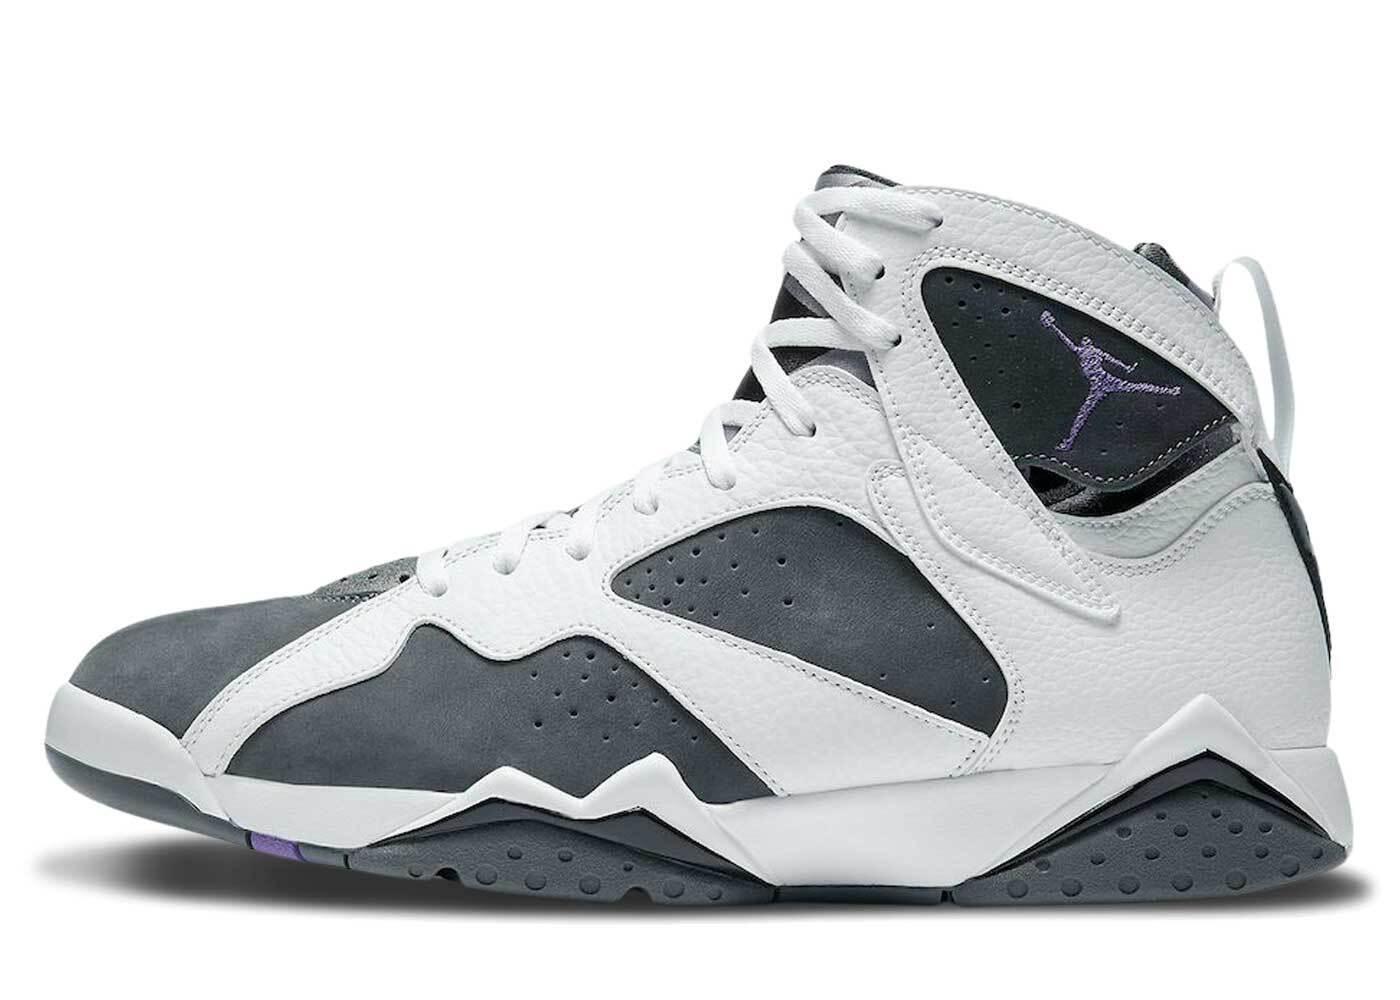 Nike Air Jordan 7 Retro Flint の写真